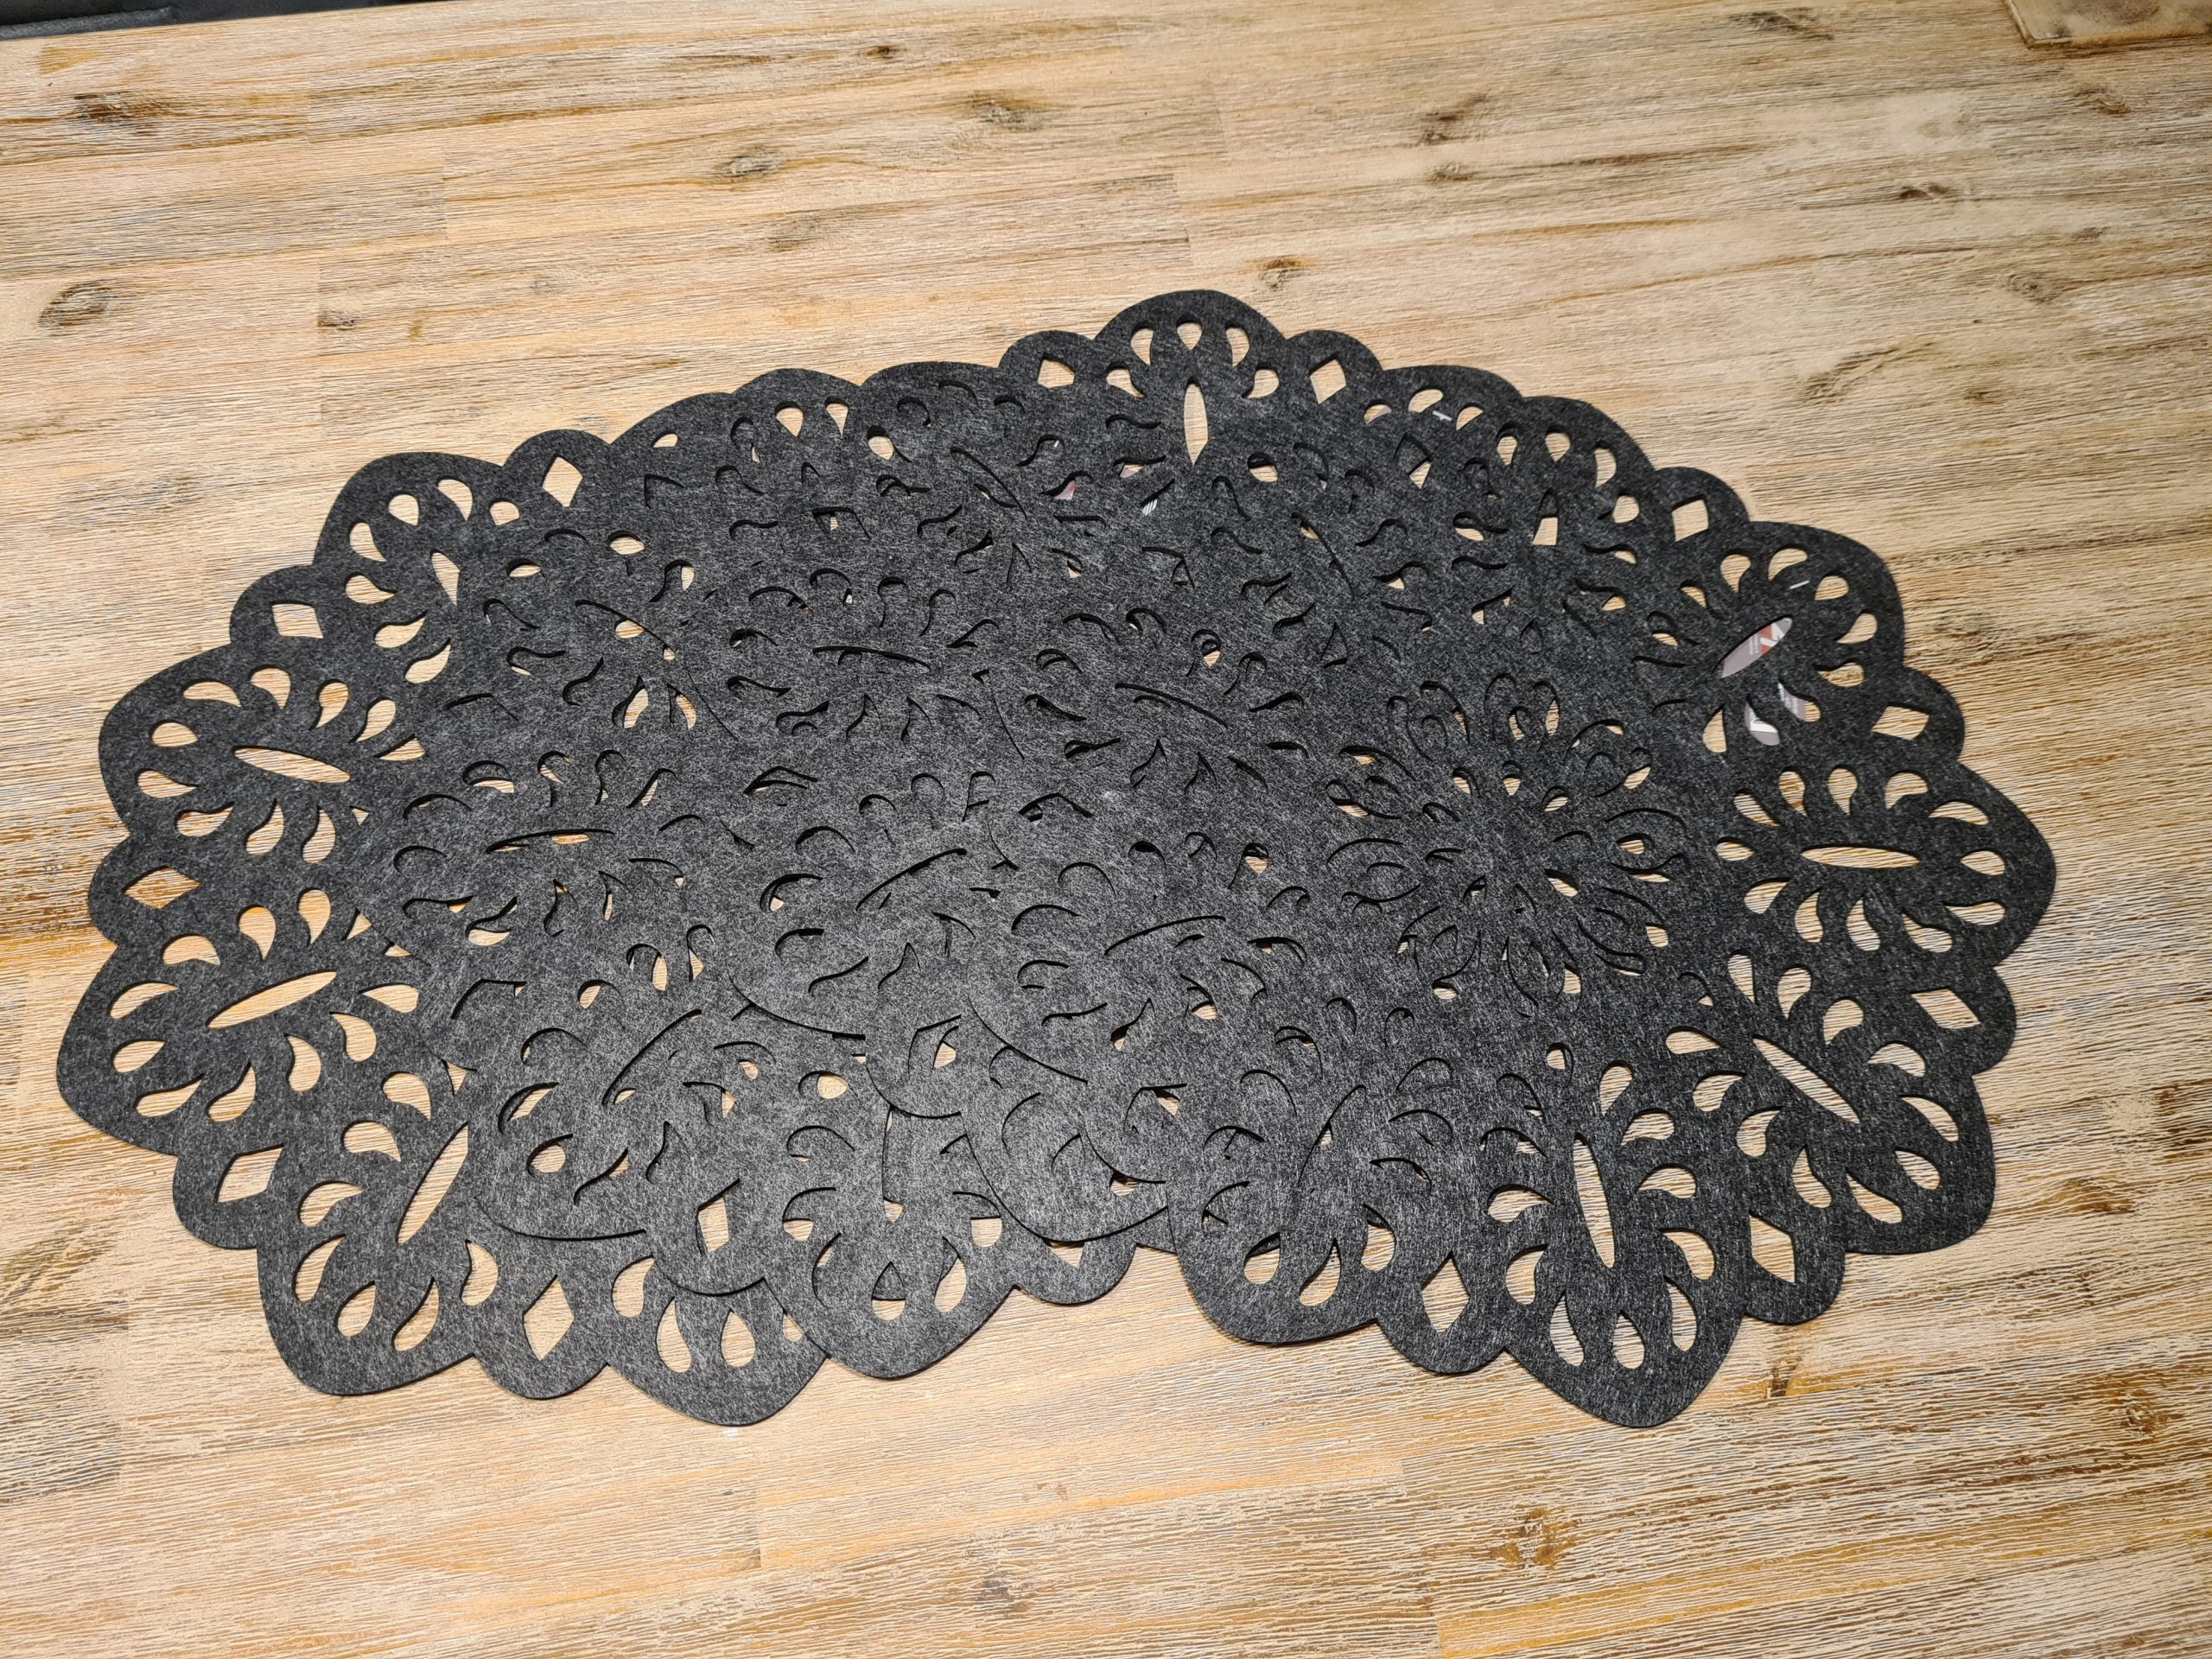 schwarze Filz-Untersetzer mit Ausstanzungen - Handgemachte individualisierbare Taschen, Körbe, Tischsets, Dekoartikel und mehr auf fideko.de der Onlineshop seit 2011